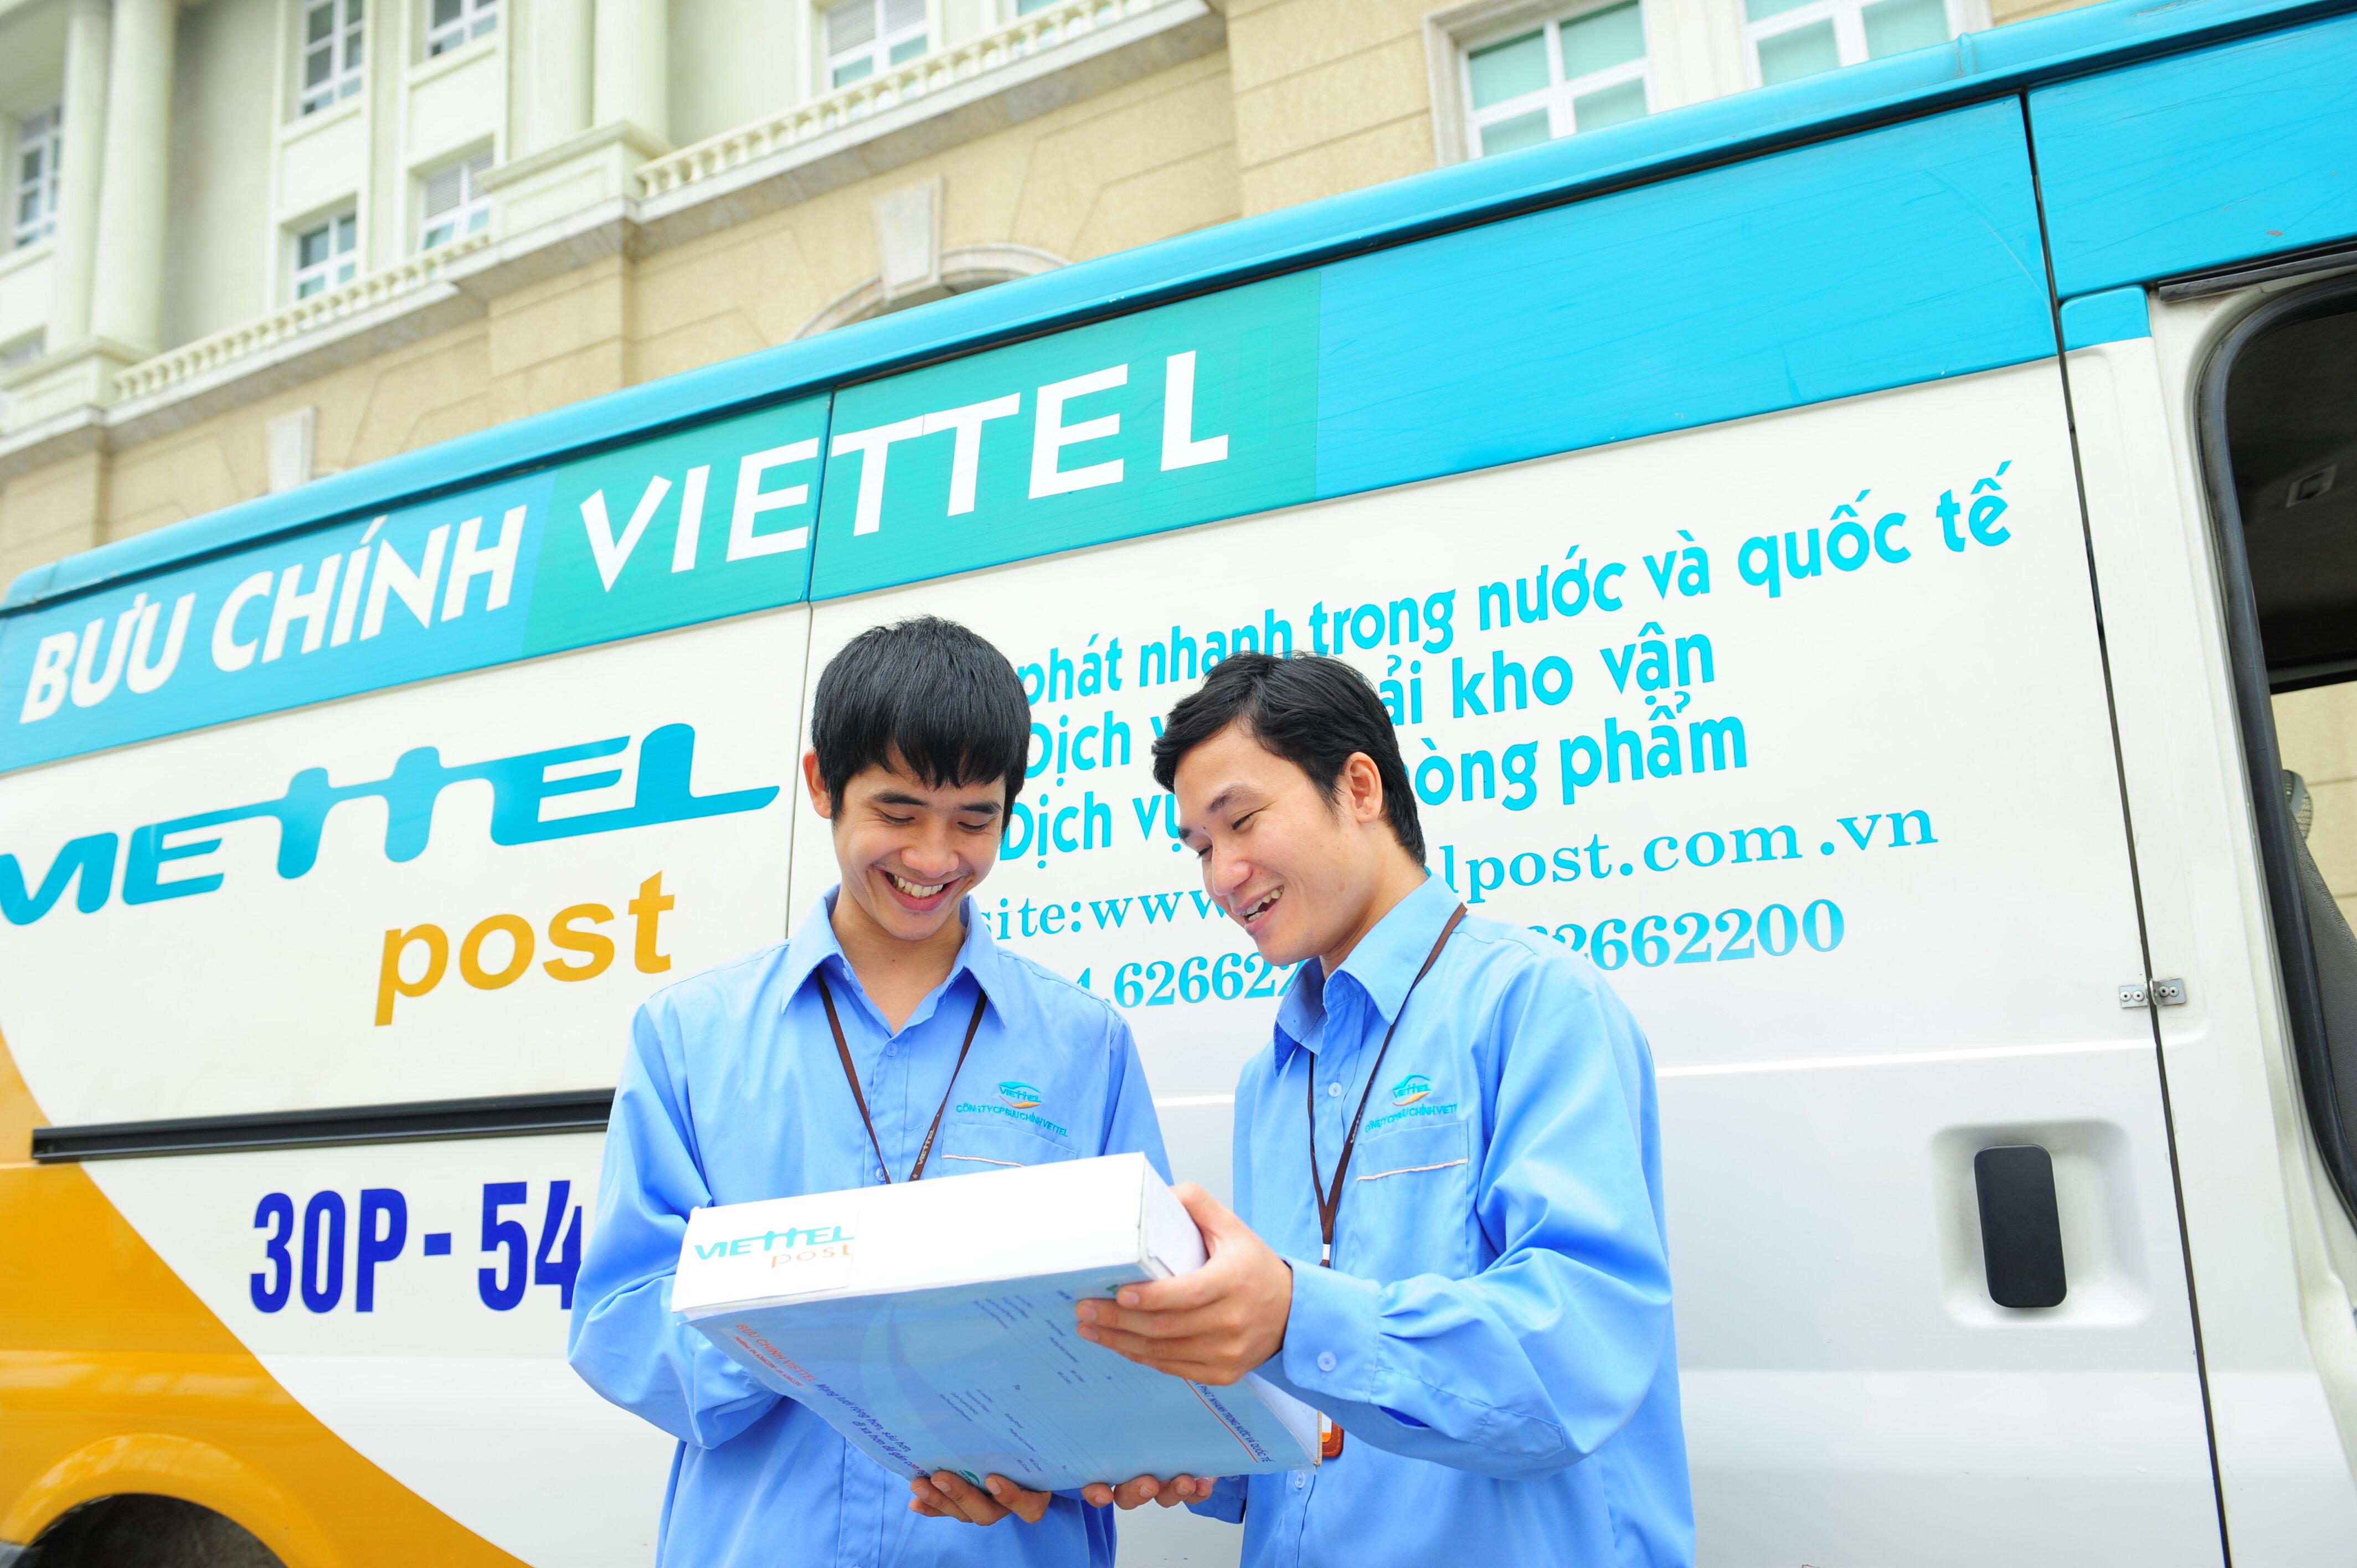 Tổng hợp địa chỉ bưu cục chuyển phát nhanh Viettelpost khu vực miền Nam